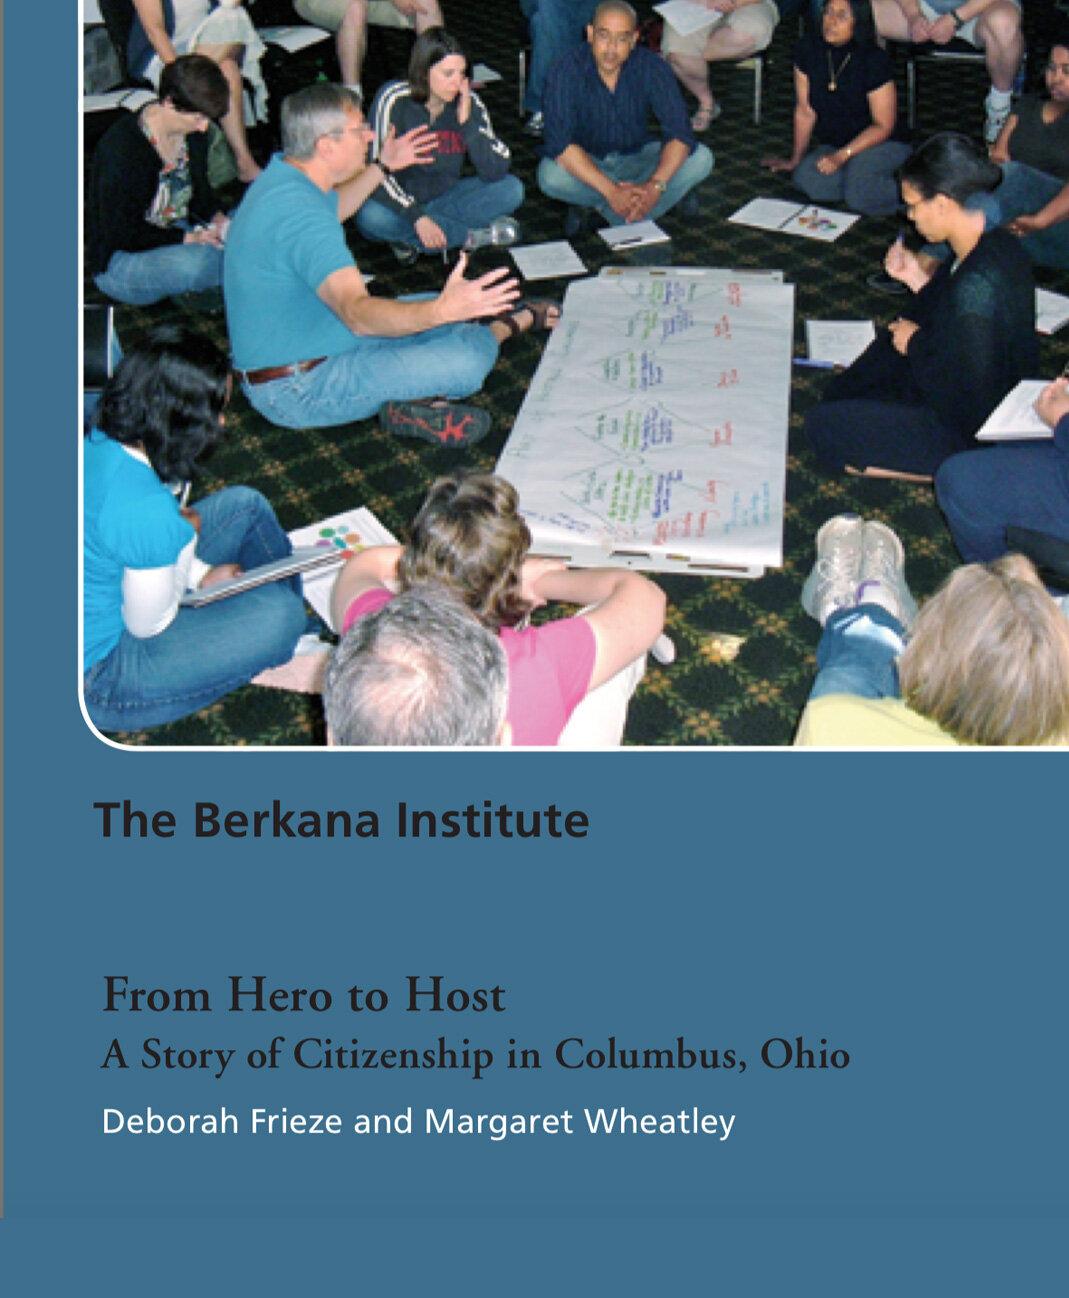 THE BERKANA INSTITUTE: From Hero to Host